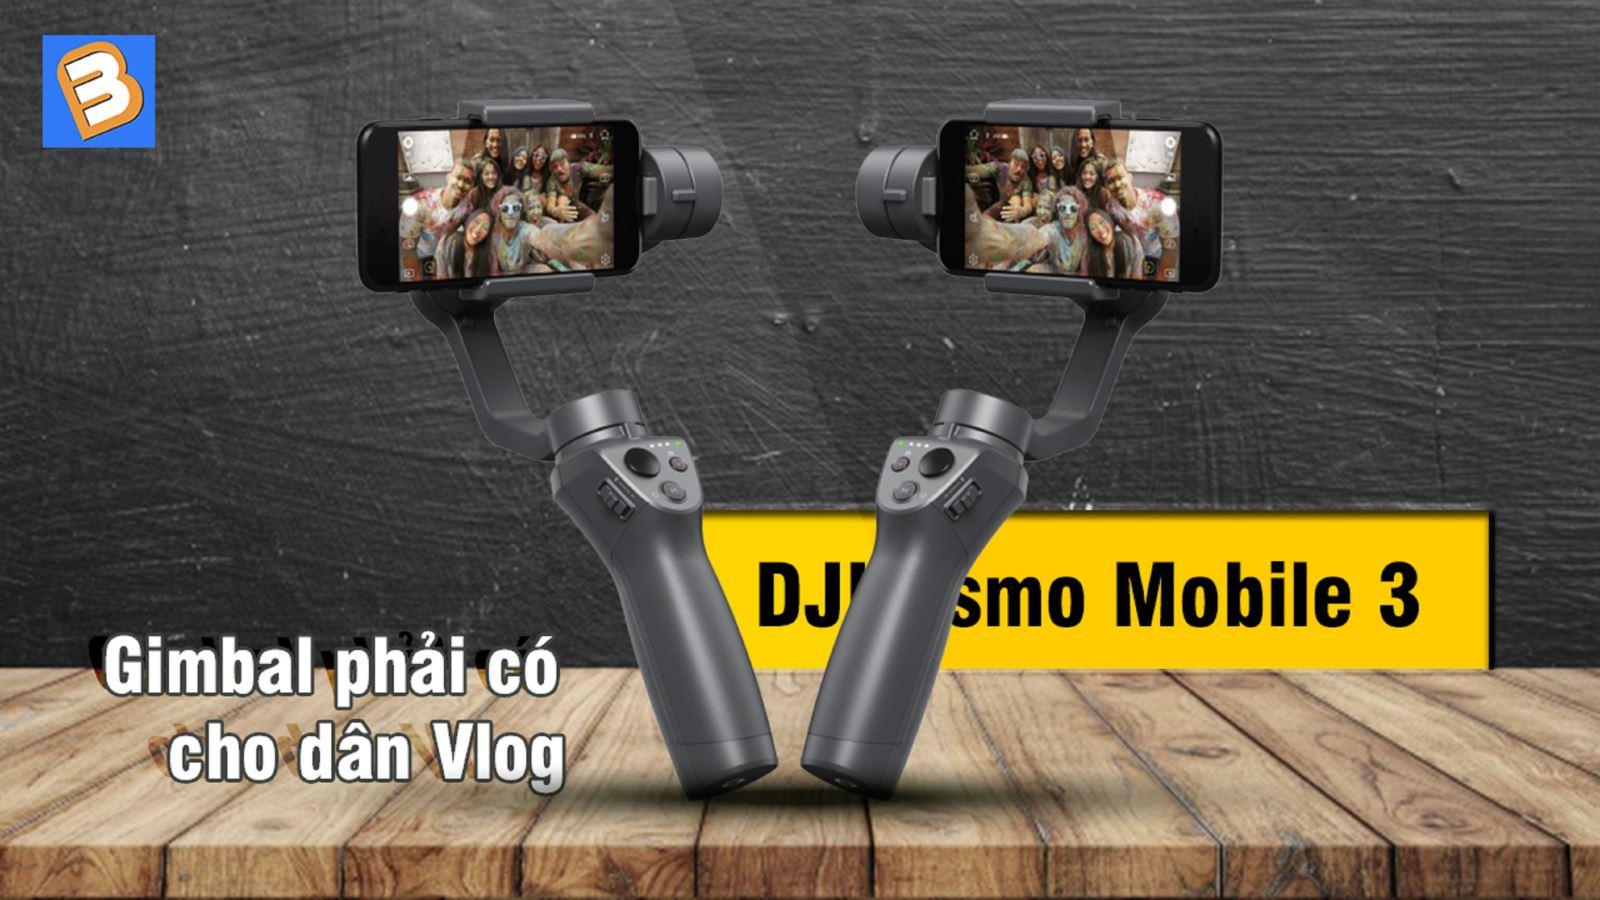 Đánh giáDJI Osmo Mobile 3:Gimbal phải có cho dânVlog